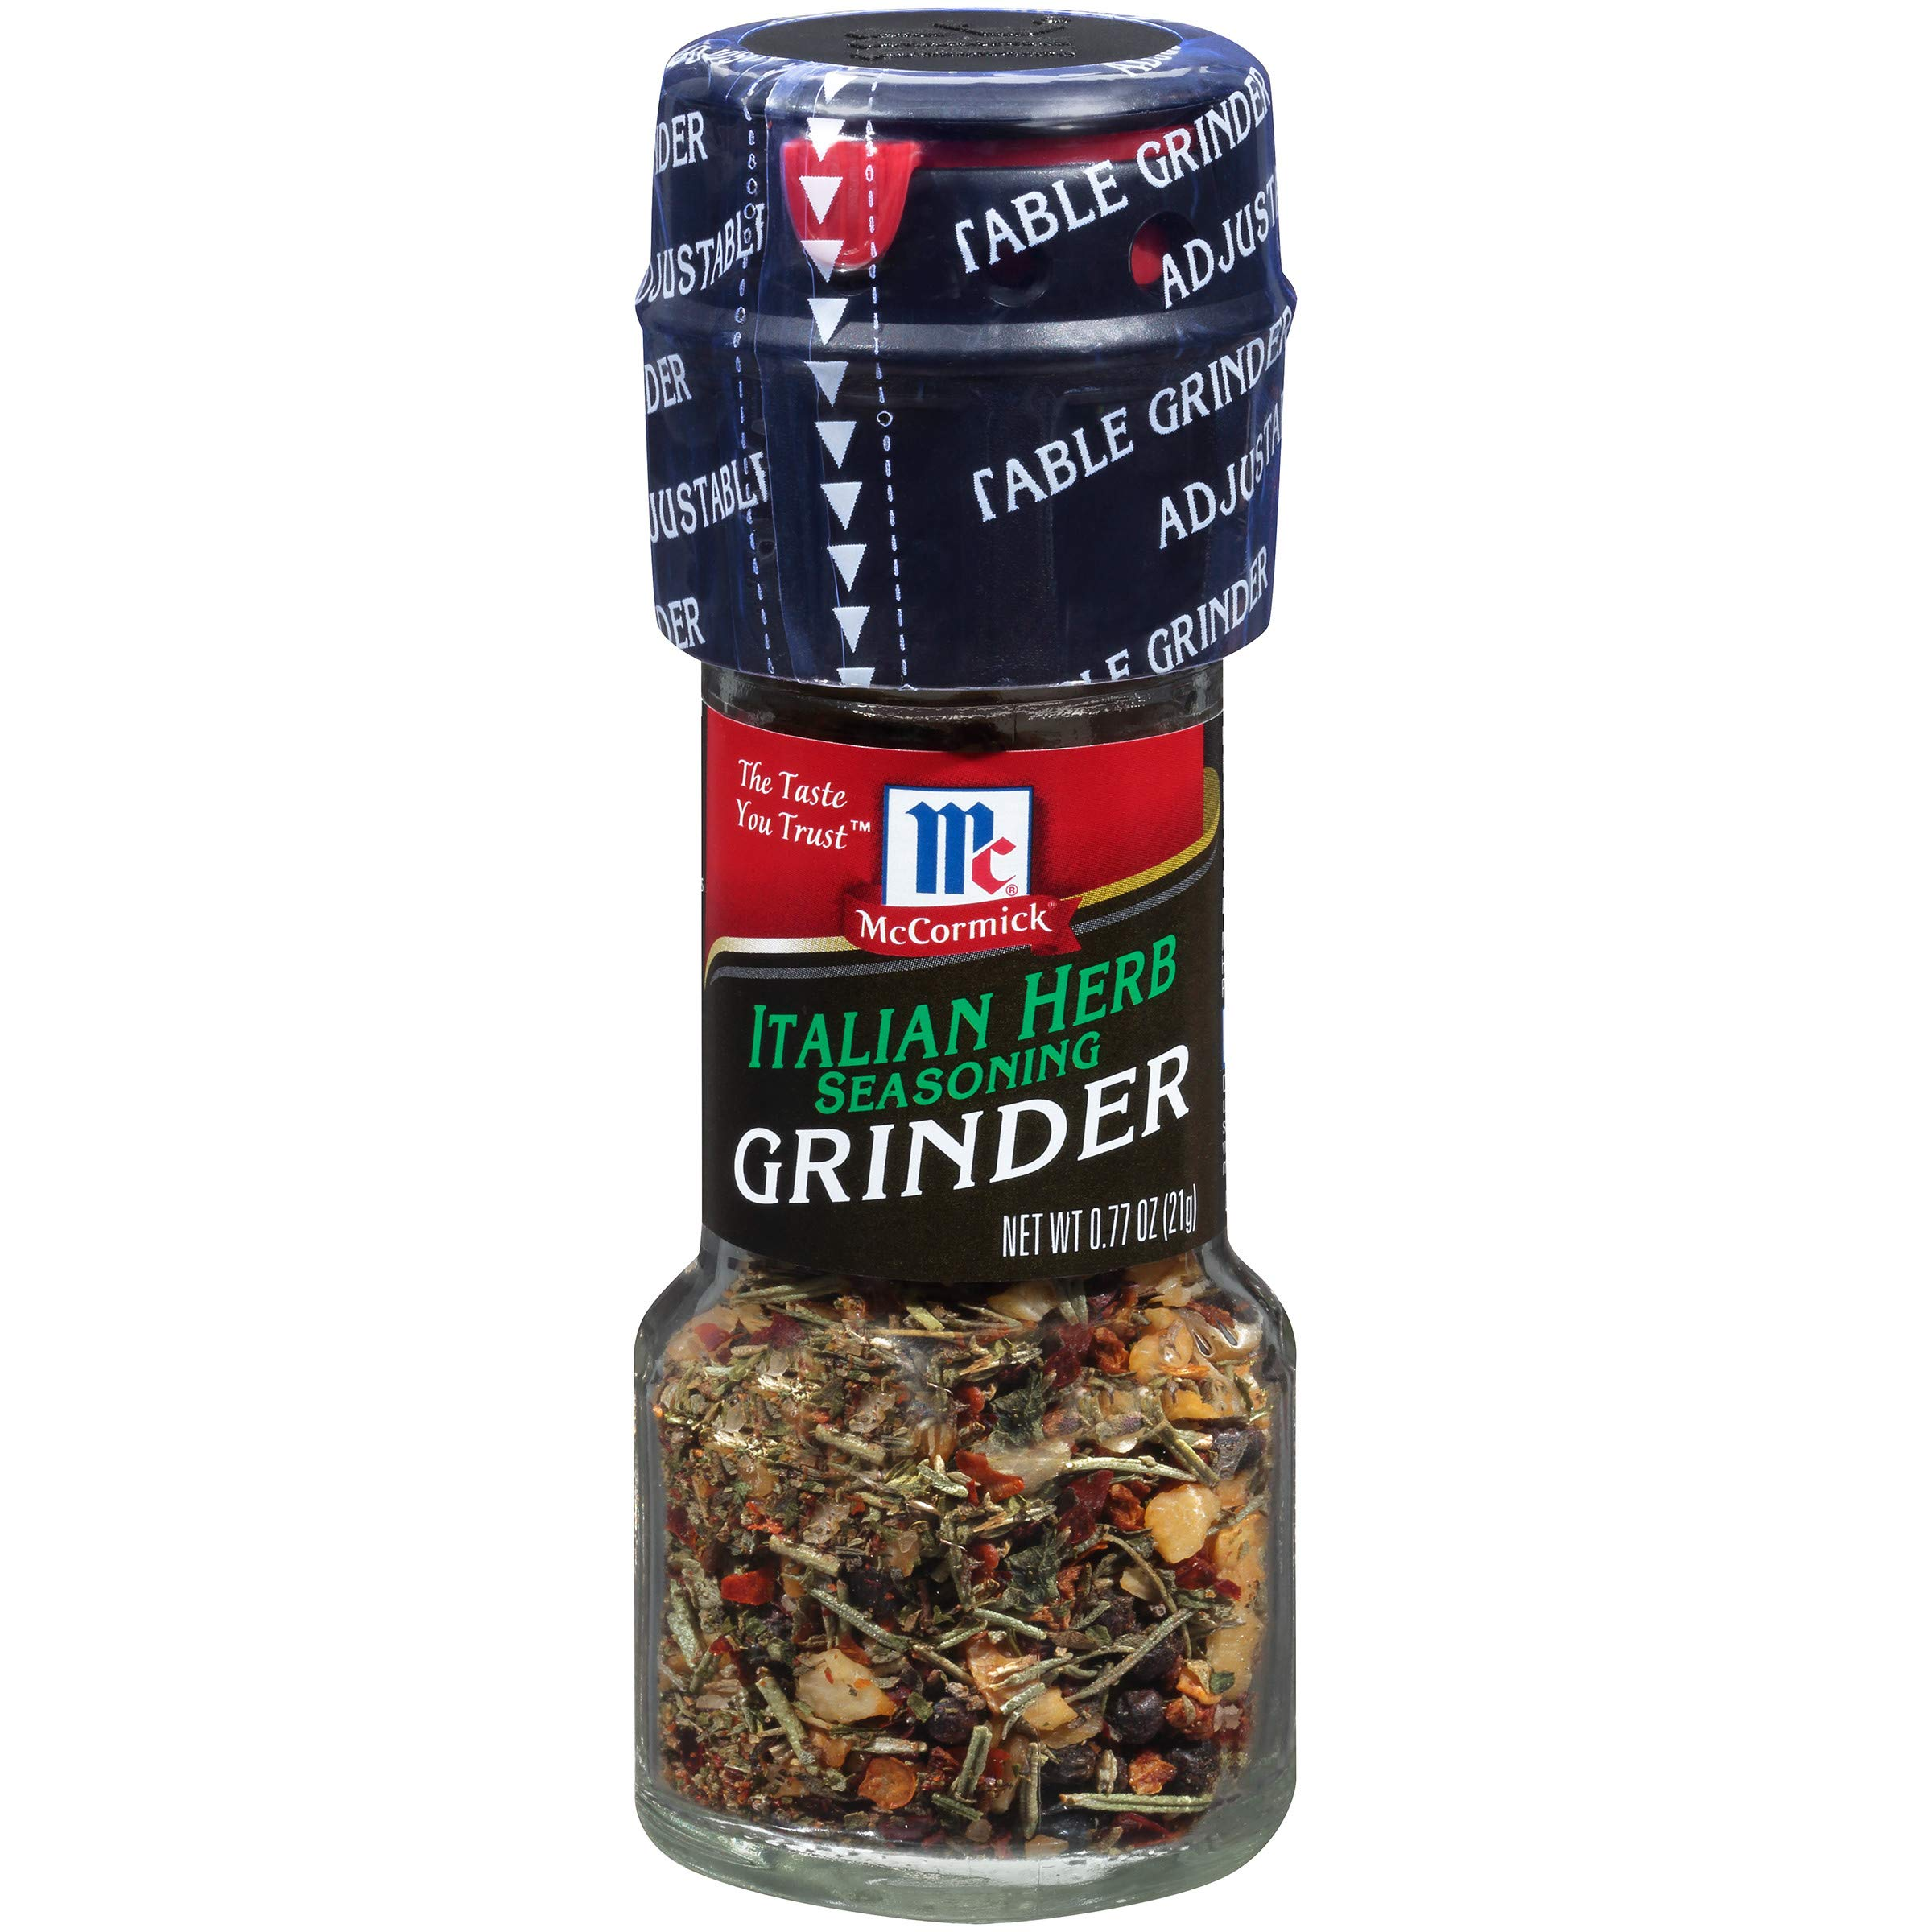 McCormick Italian Herb Seasoning Grinder, 0.77 oz (Pack of 6)